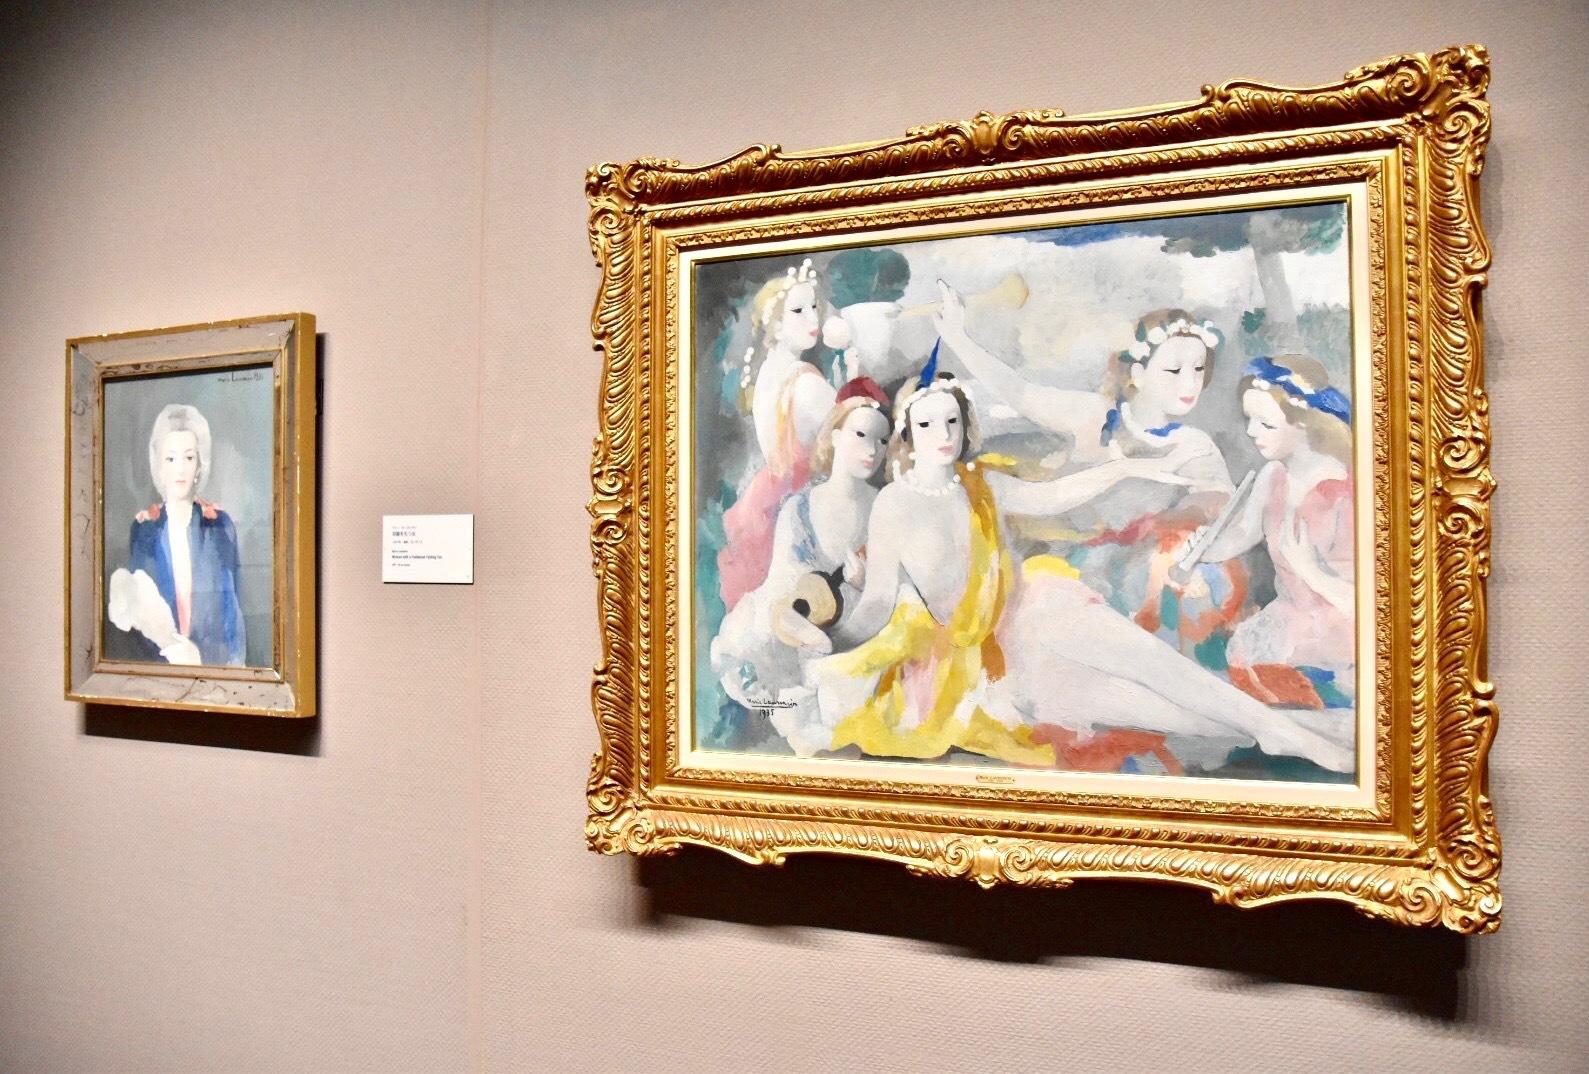 右:マリー・ローランサン 《五人の奏者》 1935年 吉野石膏コレクション 左奥:同作者 《羽扇をもつ女》1937年 吉野石膏コレクション